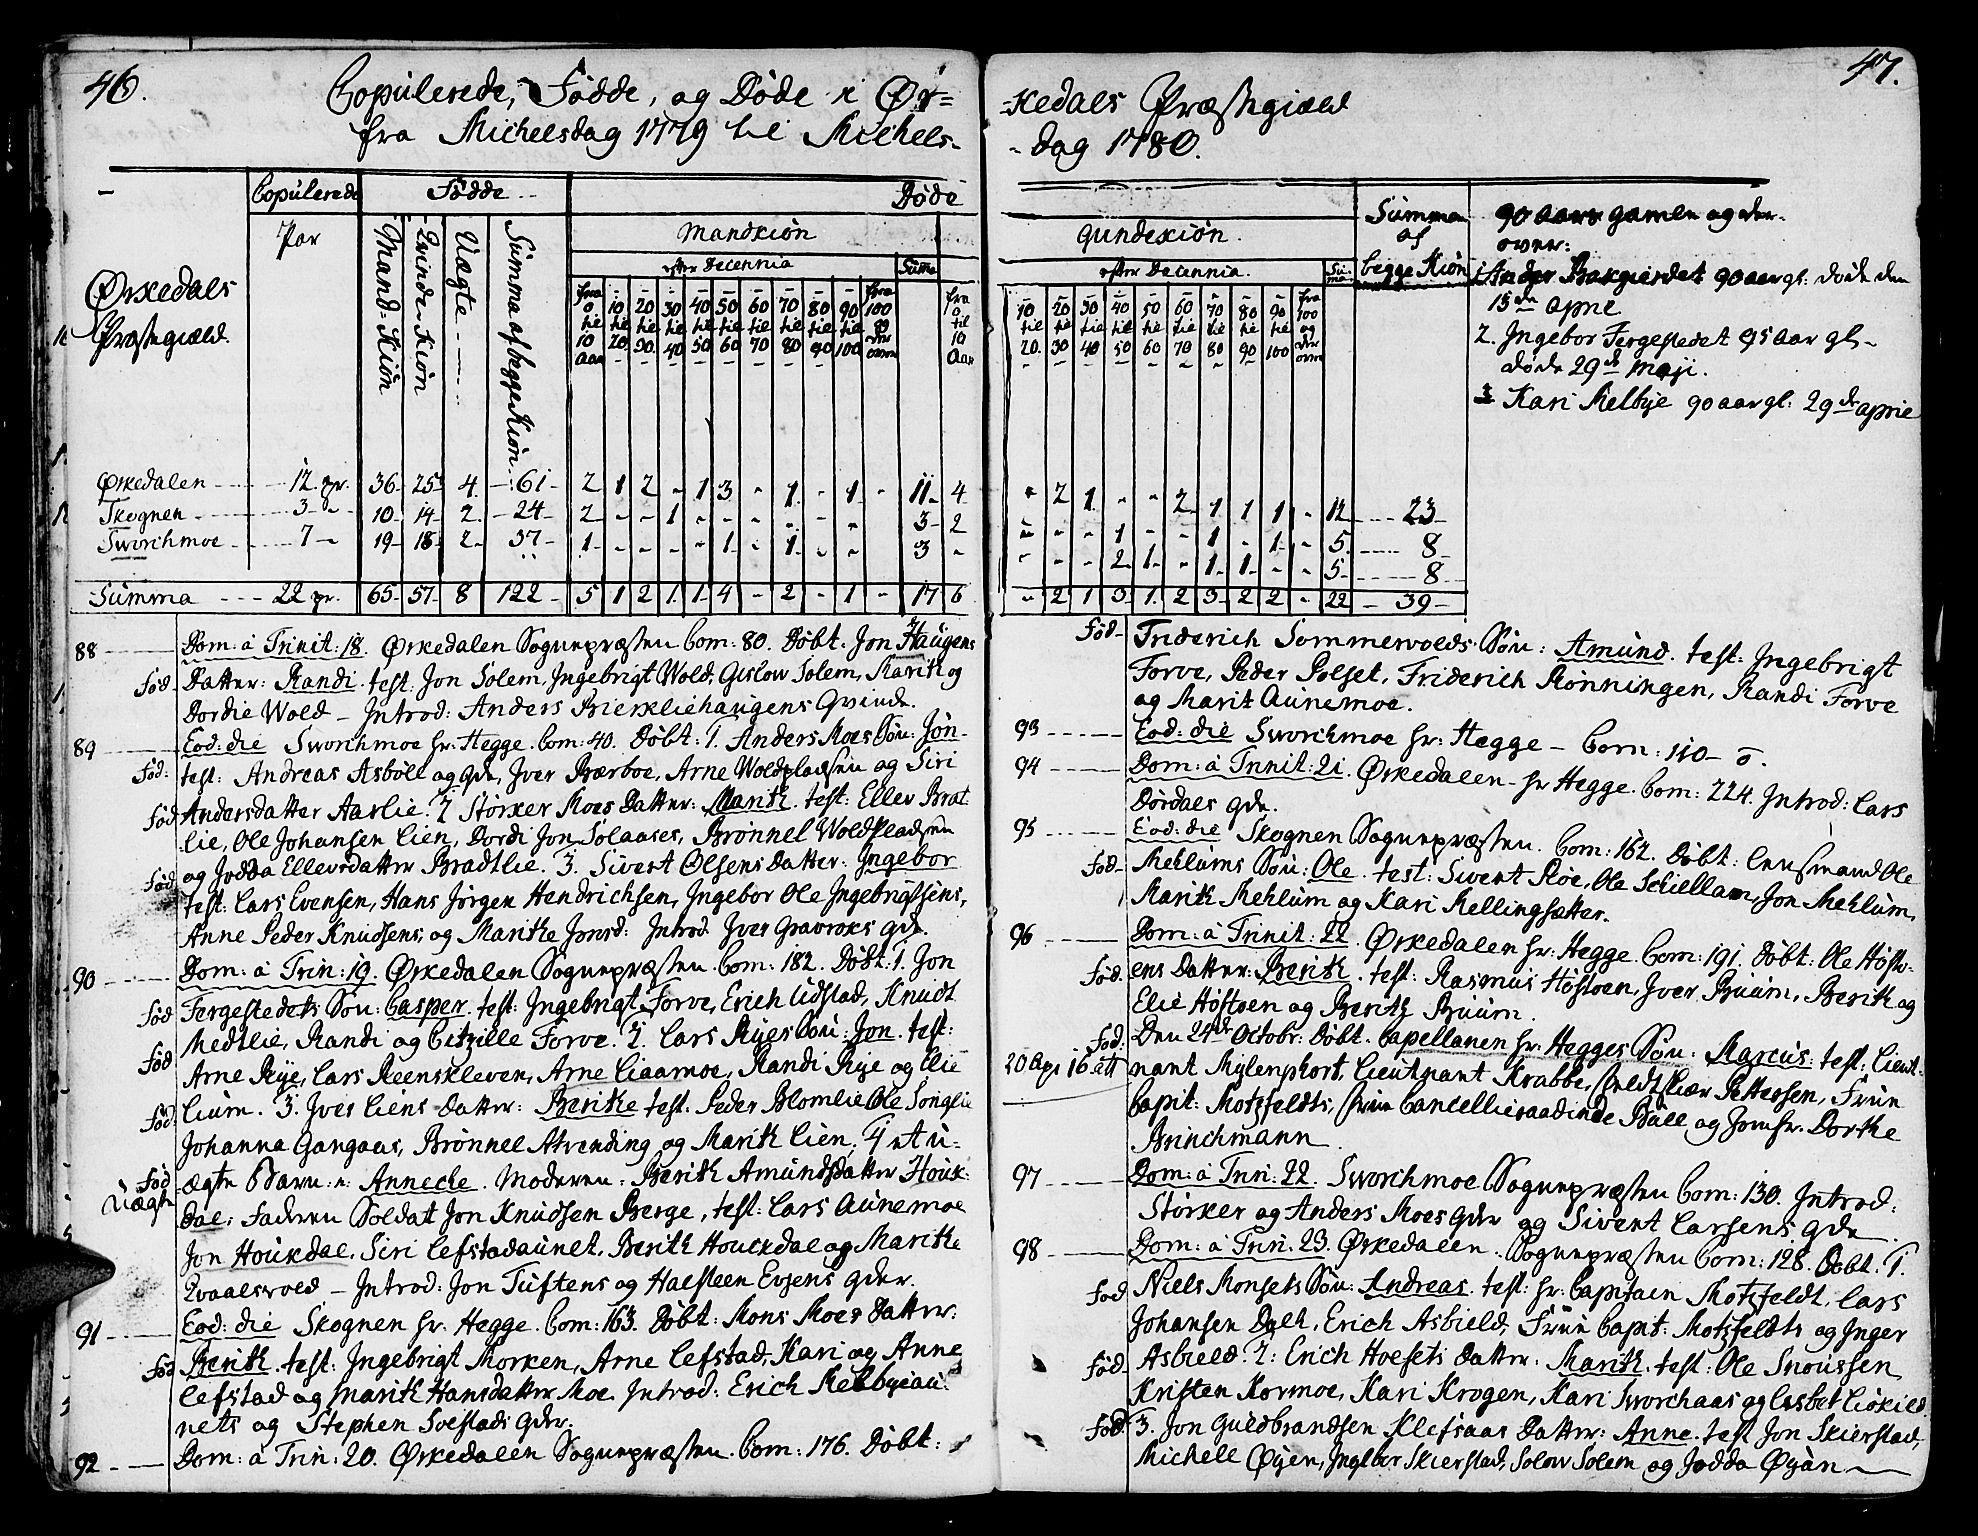 SAT, Ministerialprotokoller, klokkerbøker og fødselsregistre - Sør-Trøndelag, 668/L0802: Ministerialbok nr. 668A02, 1776-1799, s. 46-47